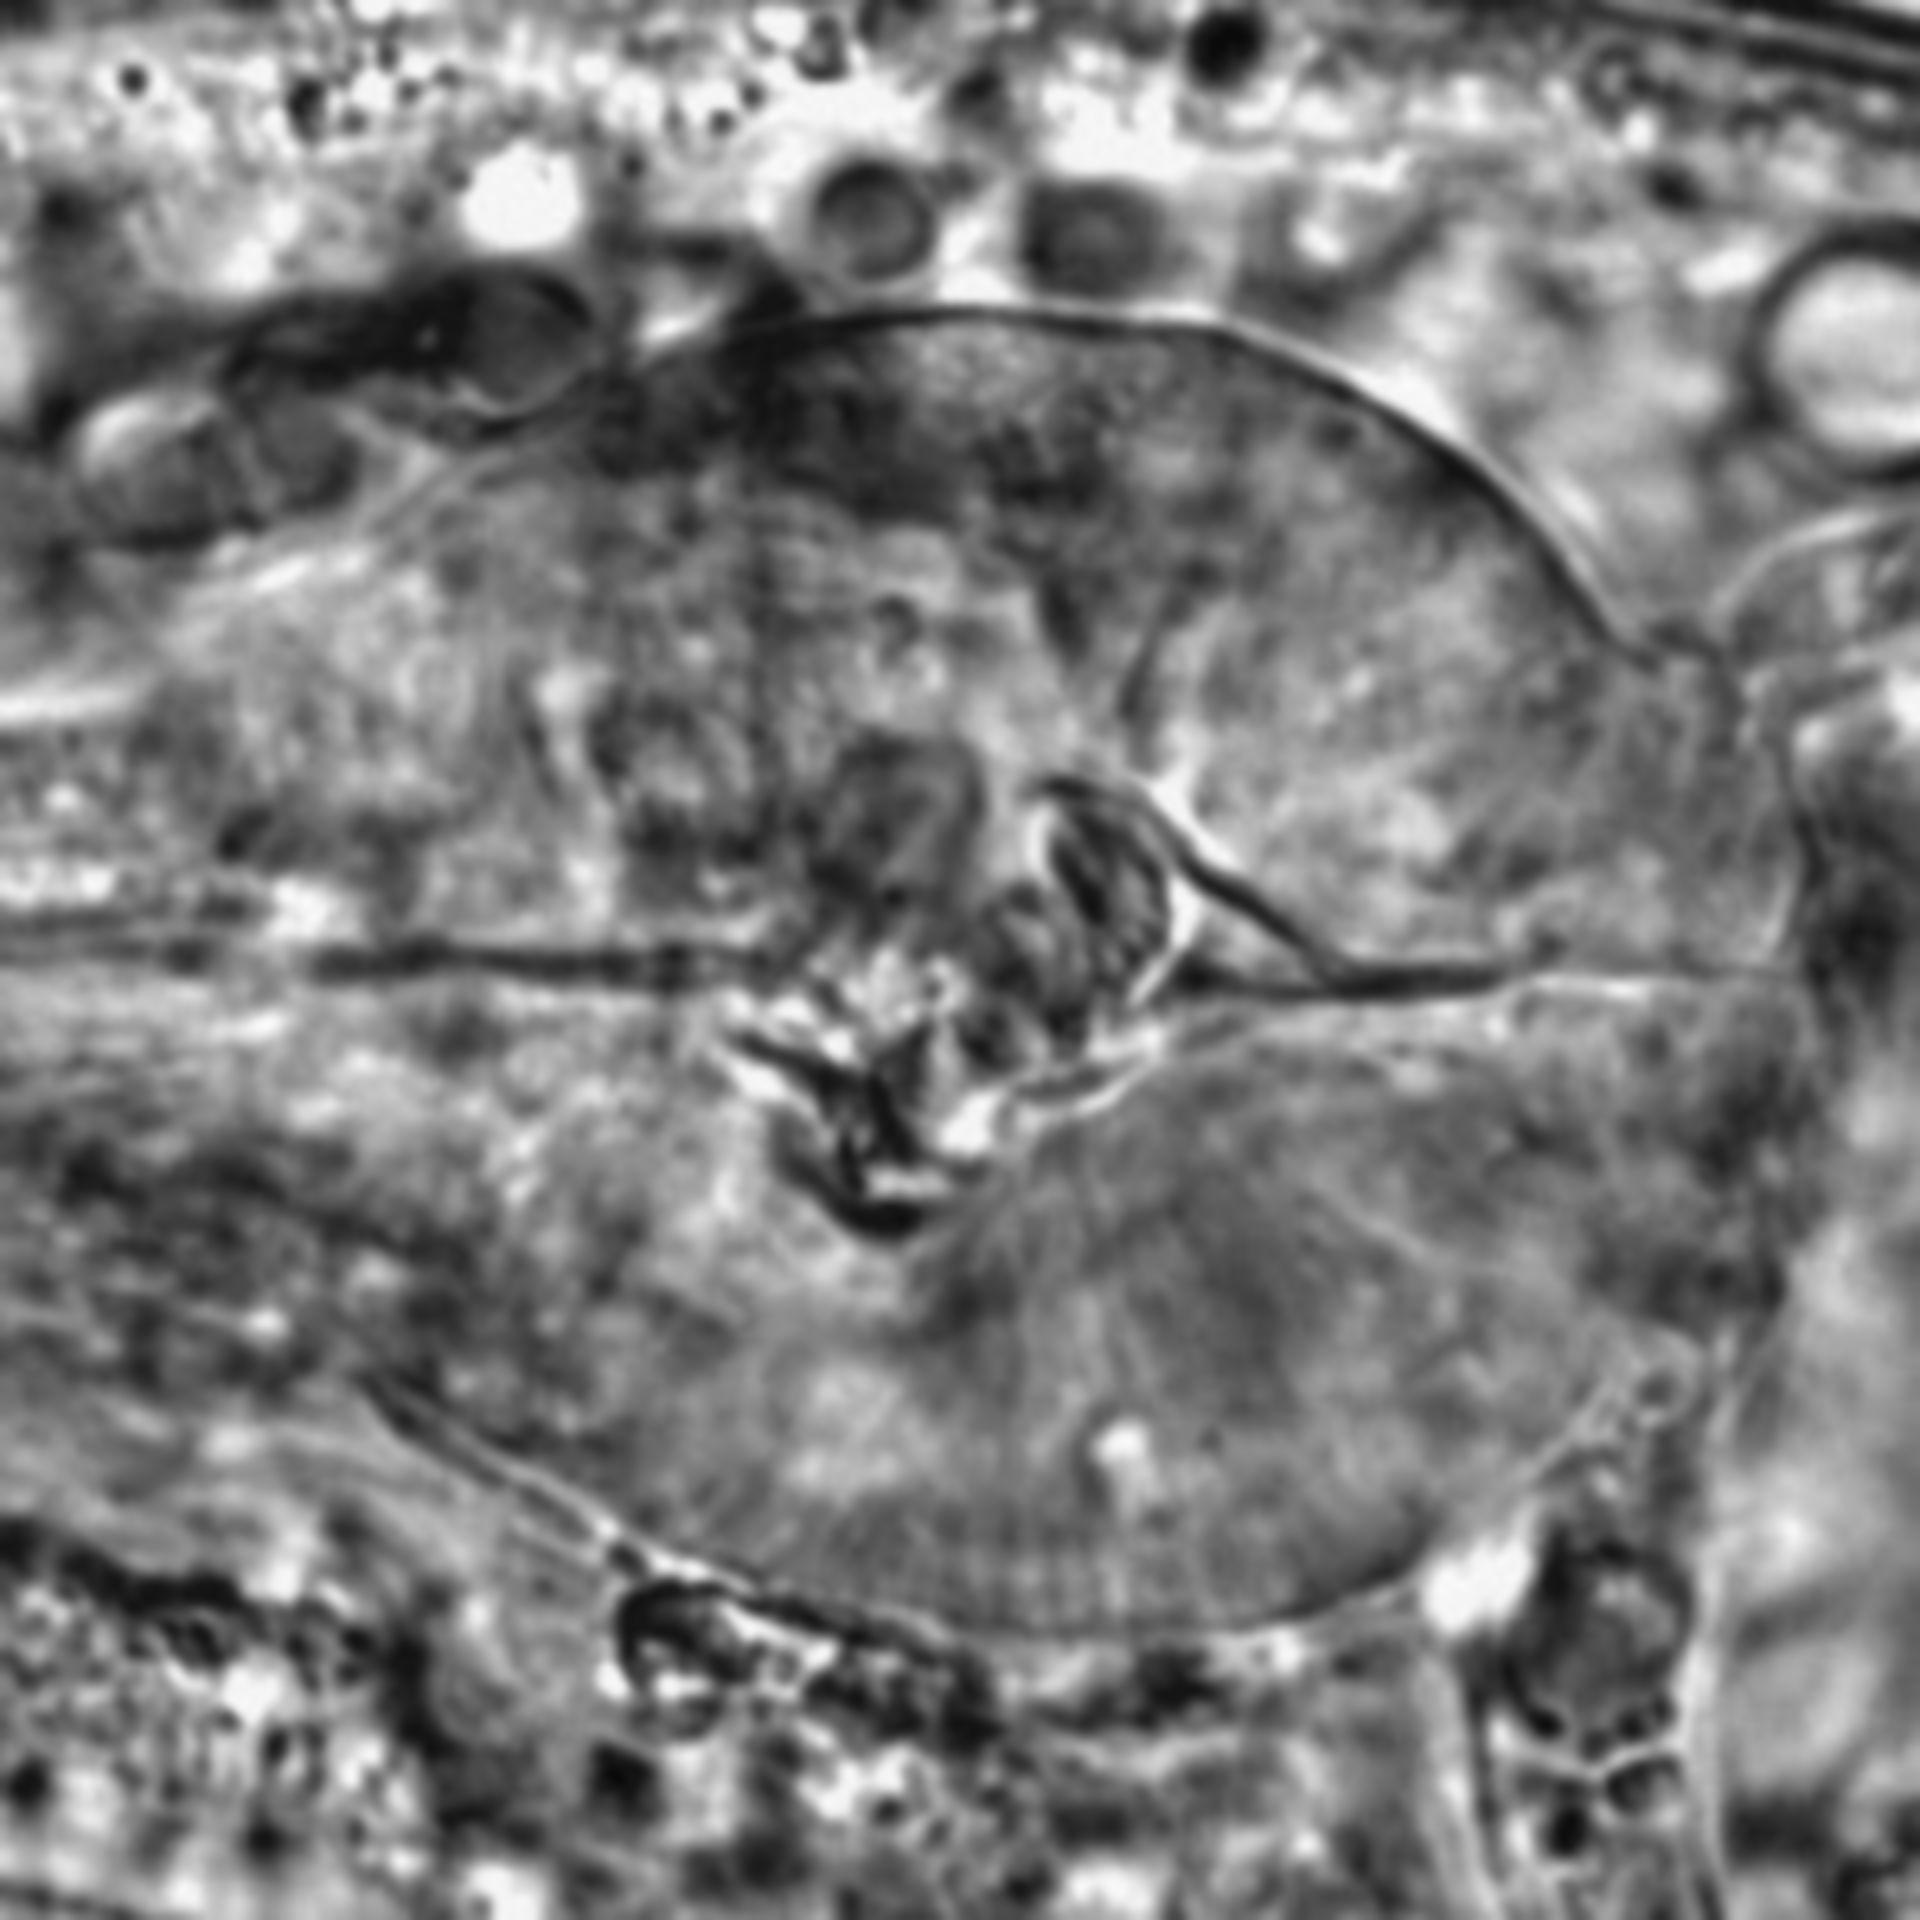 Caenorhabditis elegans - CIL:2739